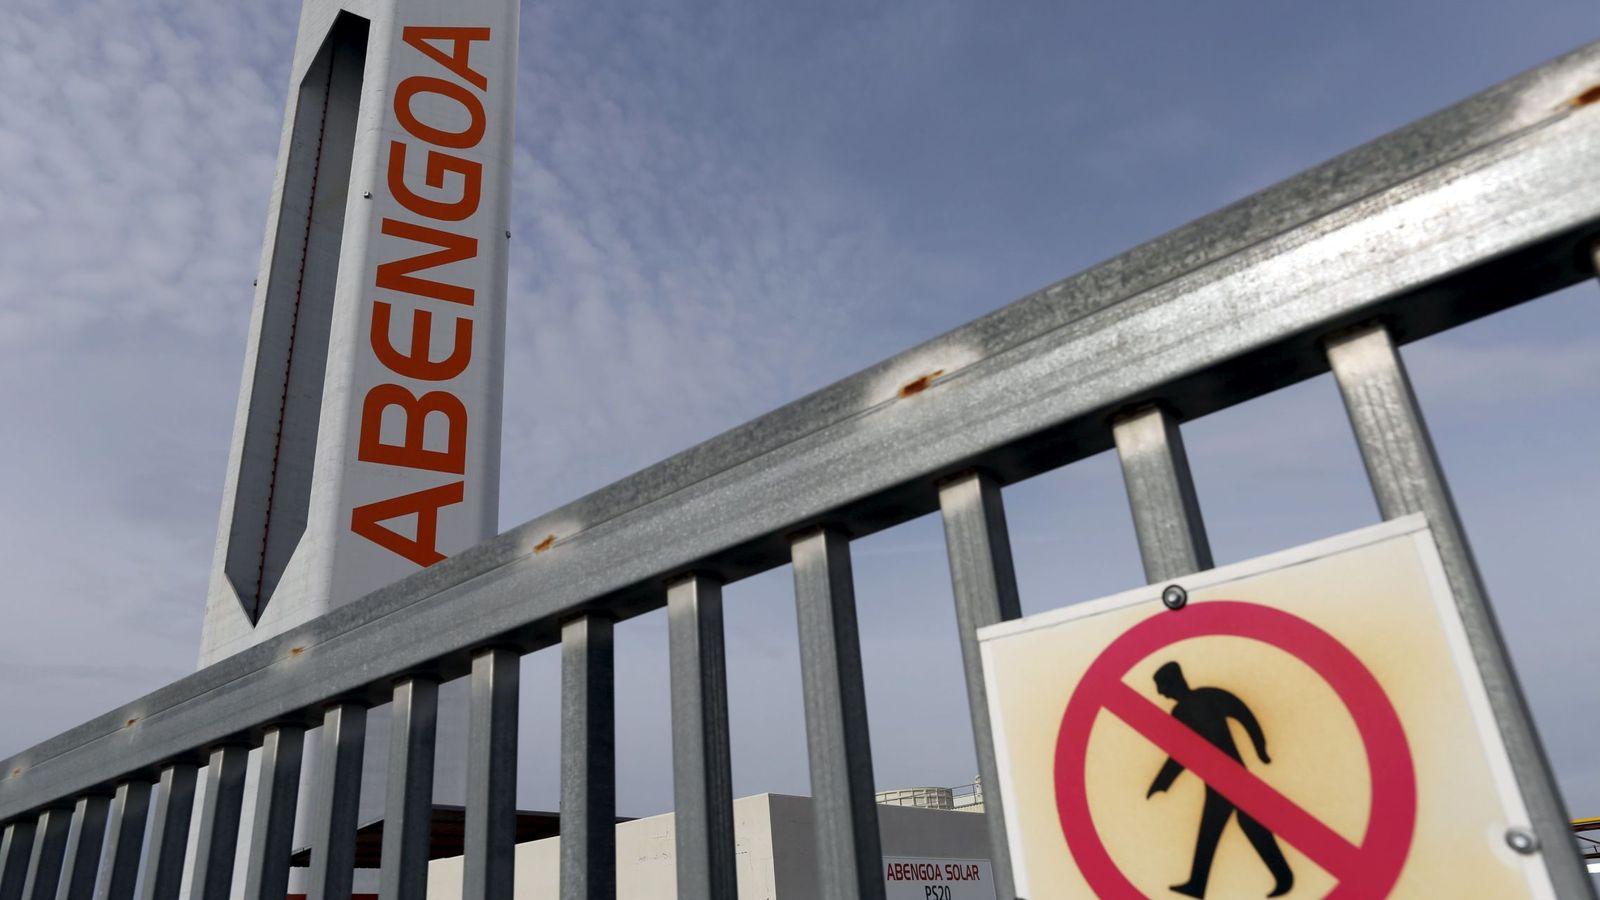 Foto: Dos bonistas con una inversión de 53.970 y 50.000 euros acusan al expresidente de Abengoa y al exconsejero delegado de administración desleal. (Reuters)